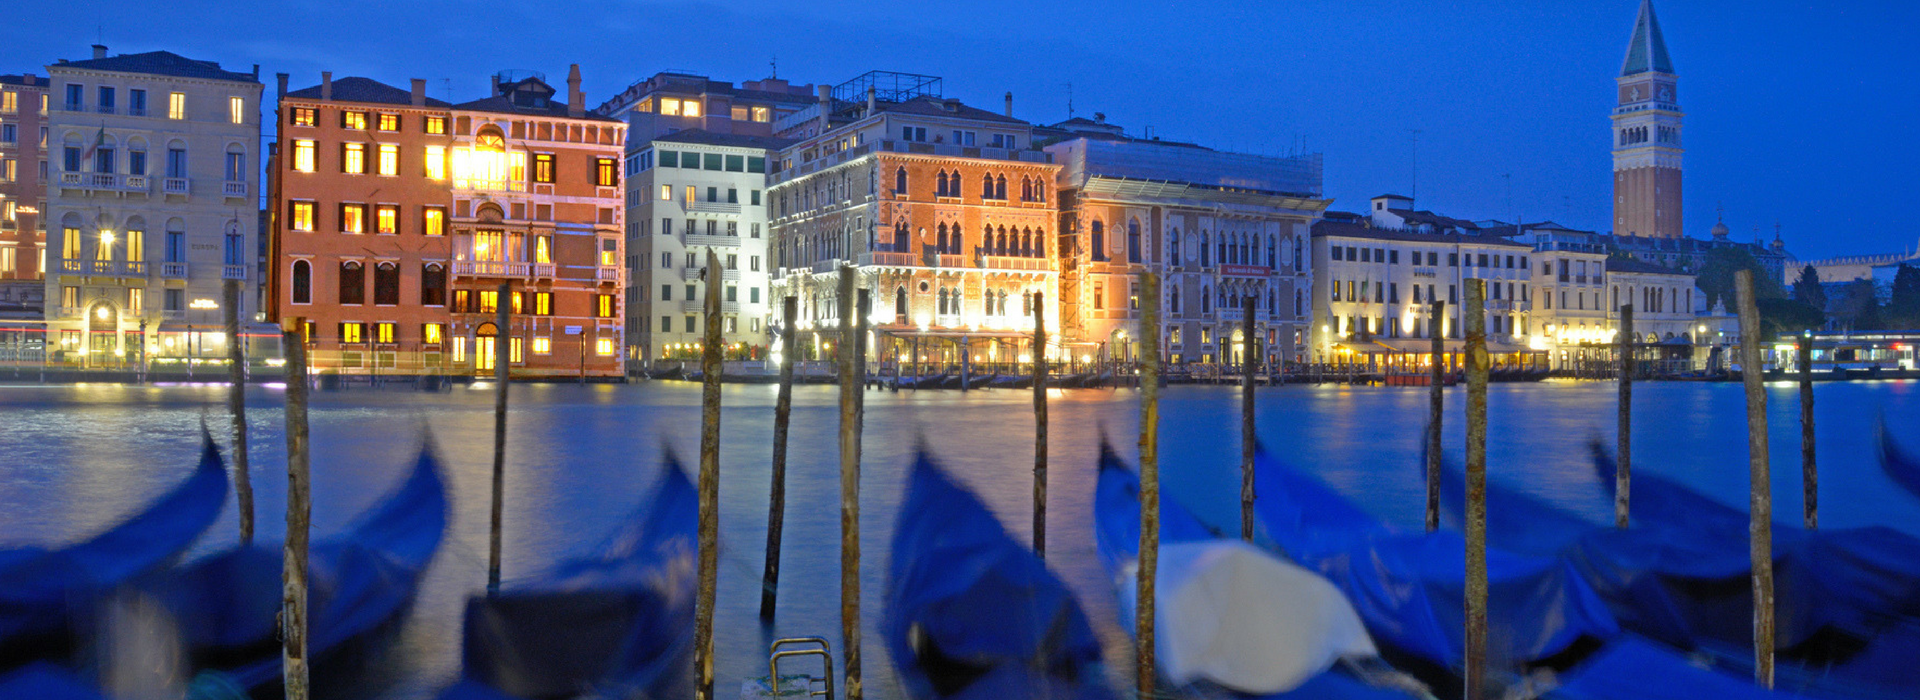 Borsato At Ca'nova Venice